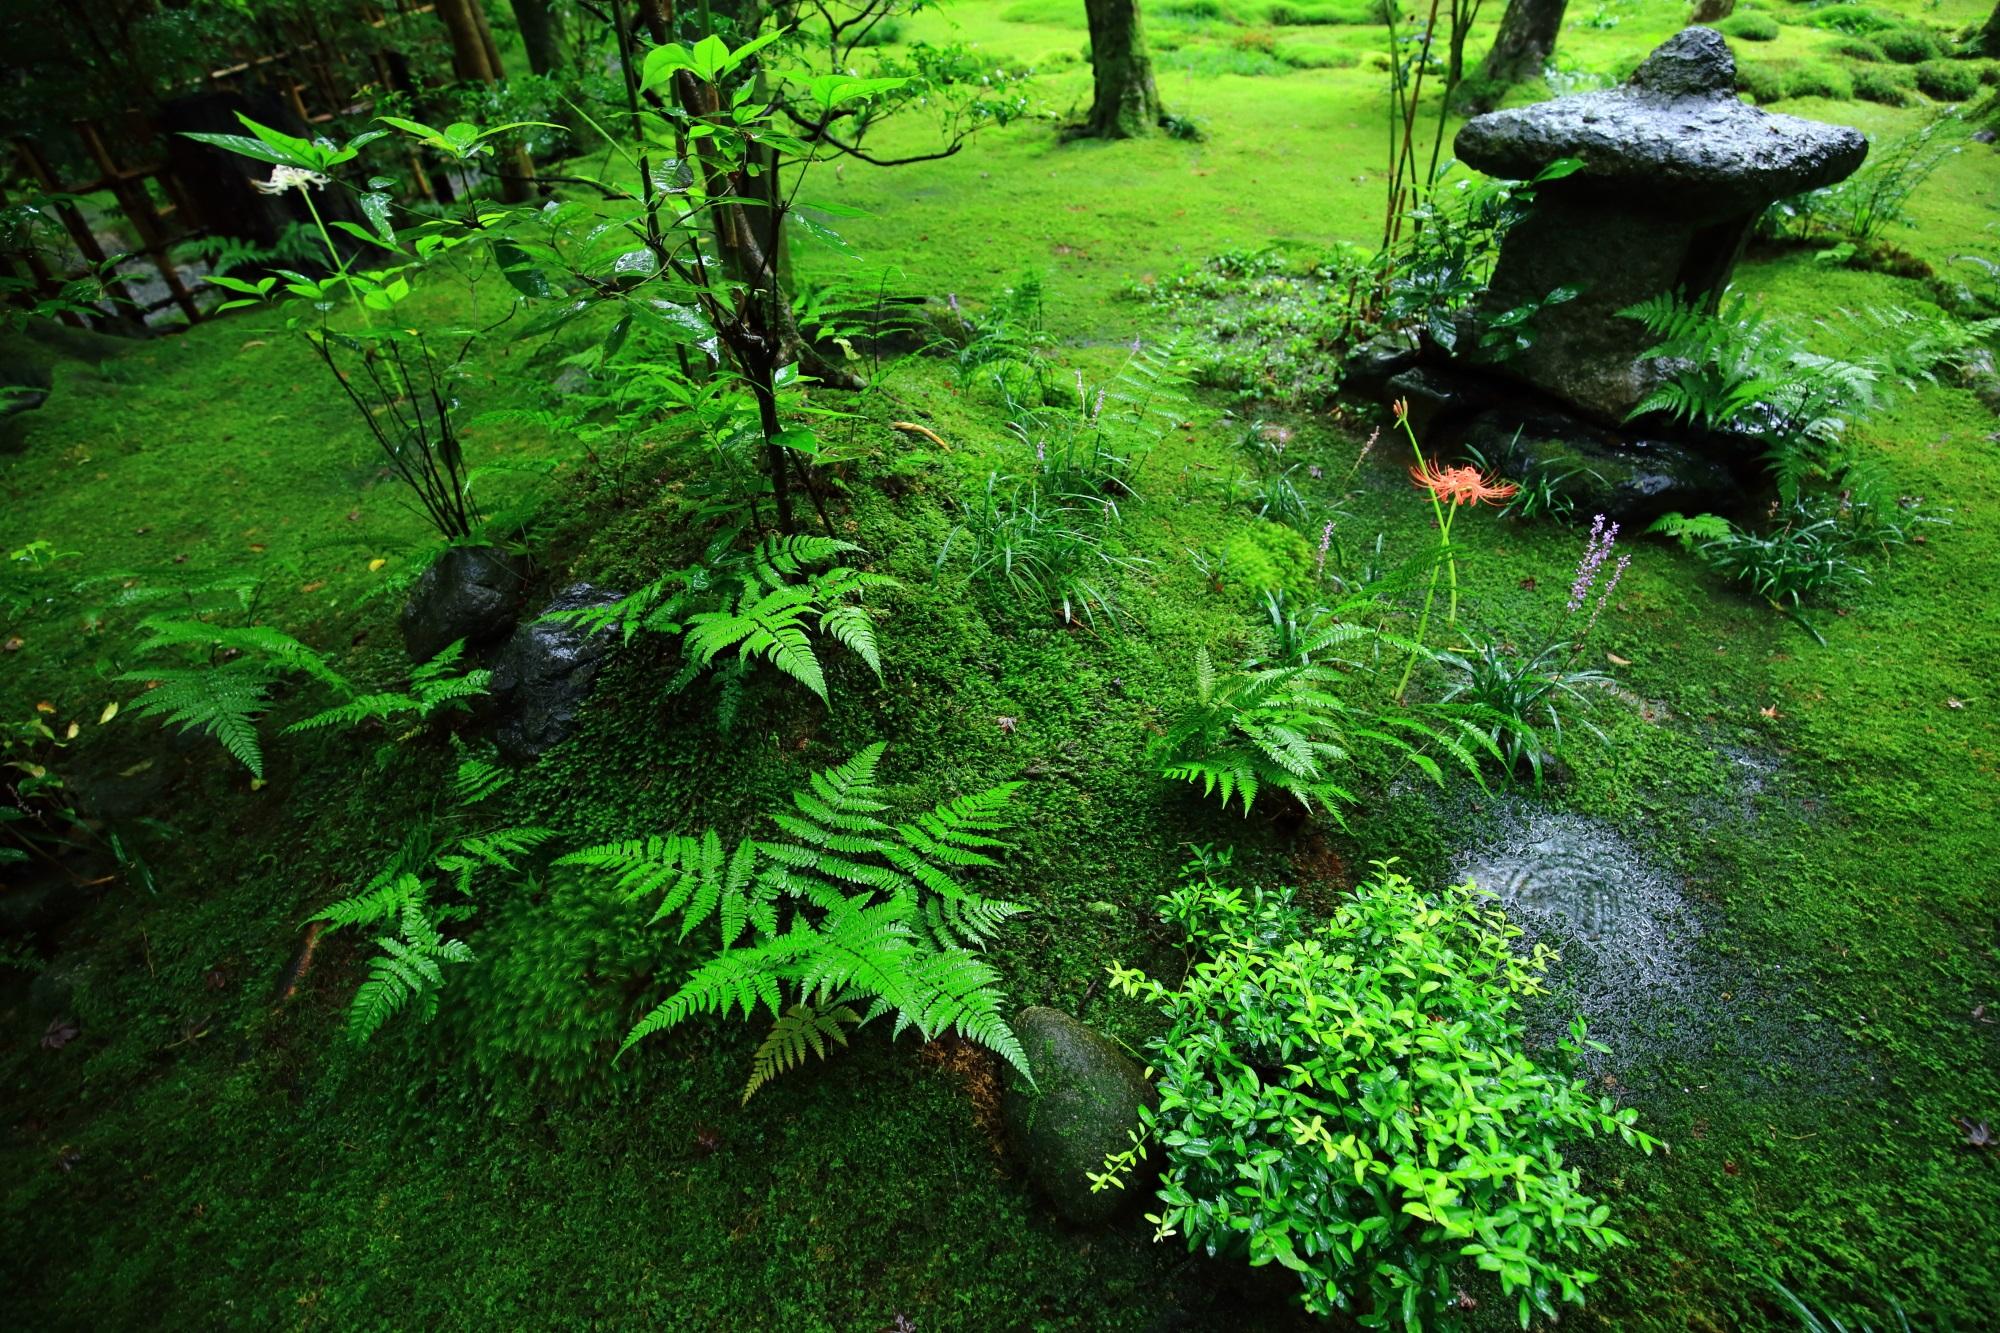 燈籠の周辺の鮮やかで綺麗なシダや植物